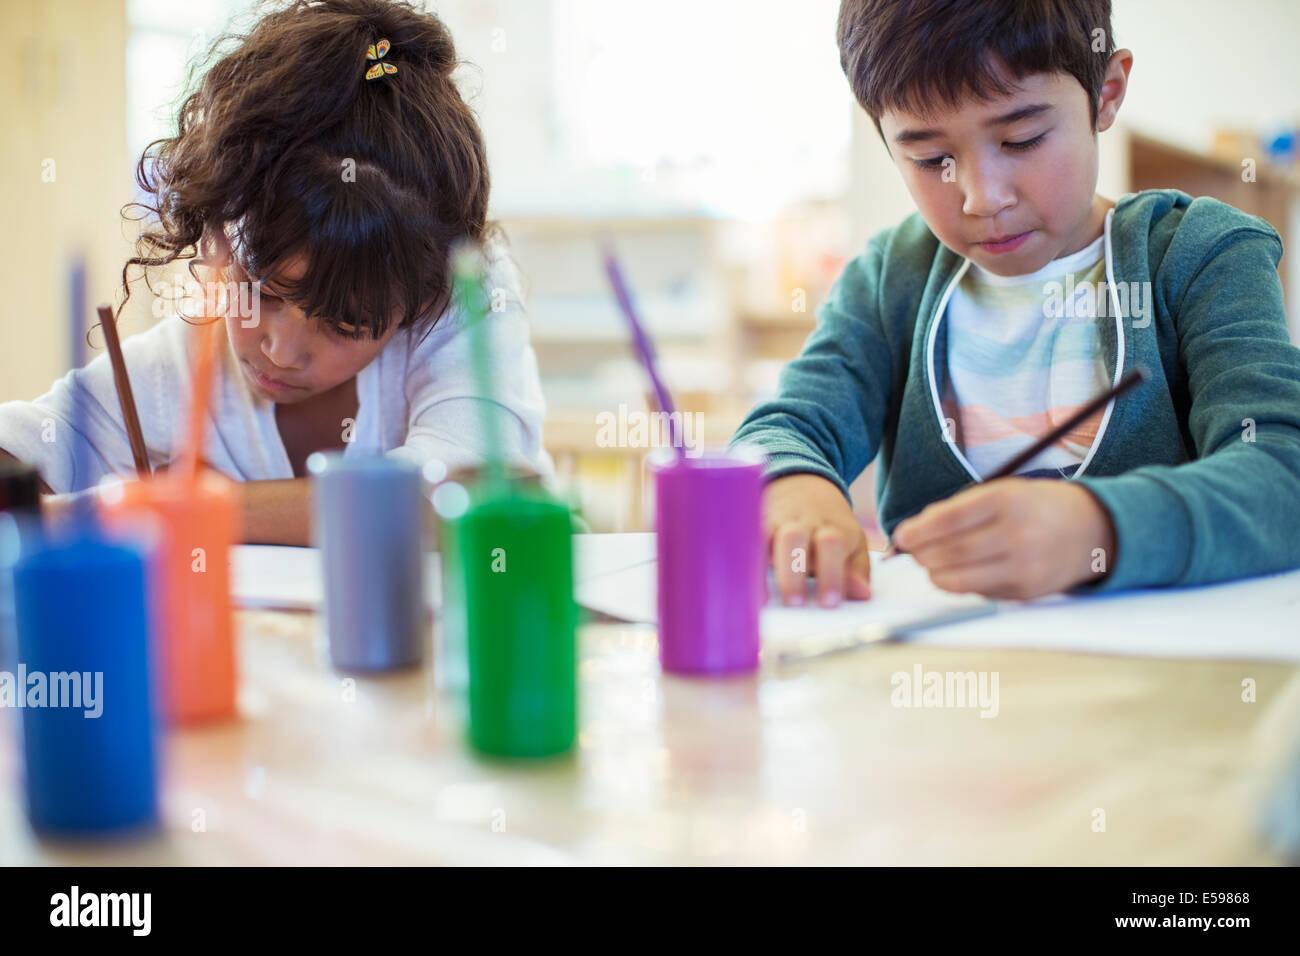 Los estudiantes en el aula de pintura Imagen De Stock